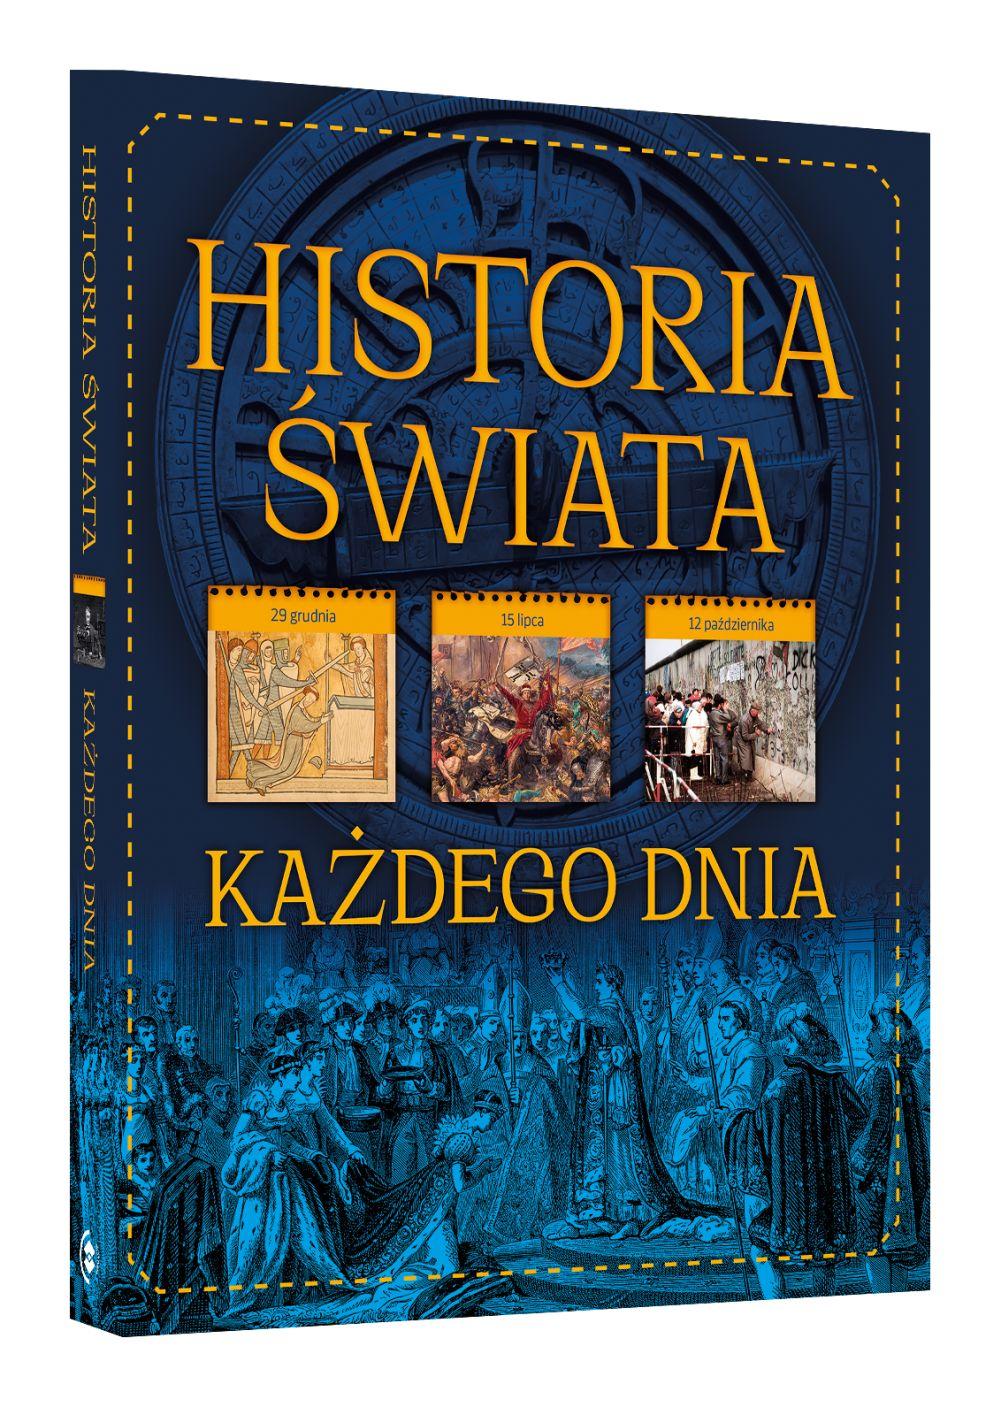 Historia swiata każdego dnia wydawnictow SBM Beata Paweł Pomykalscy